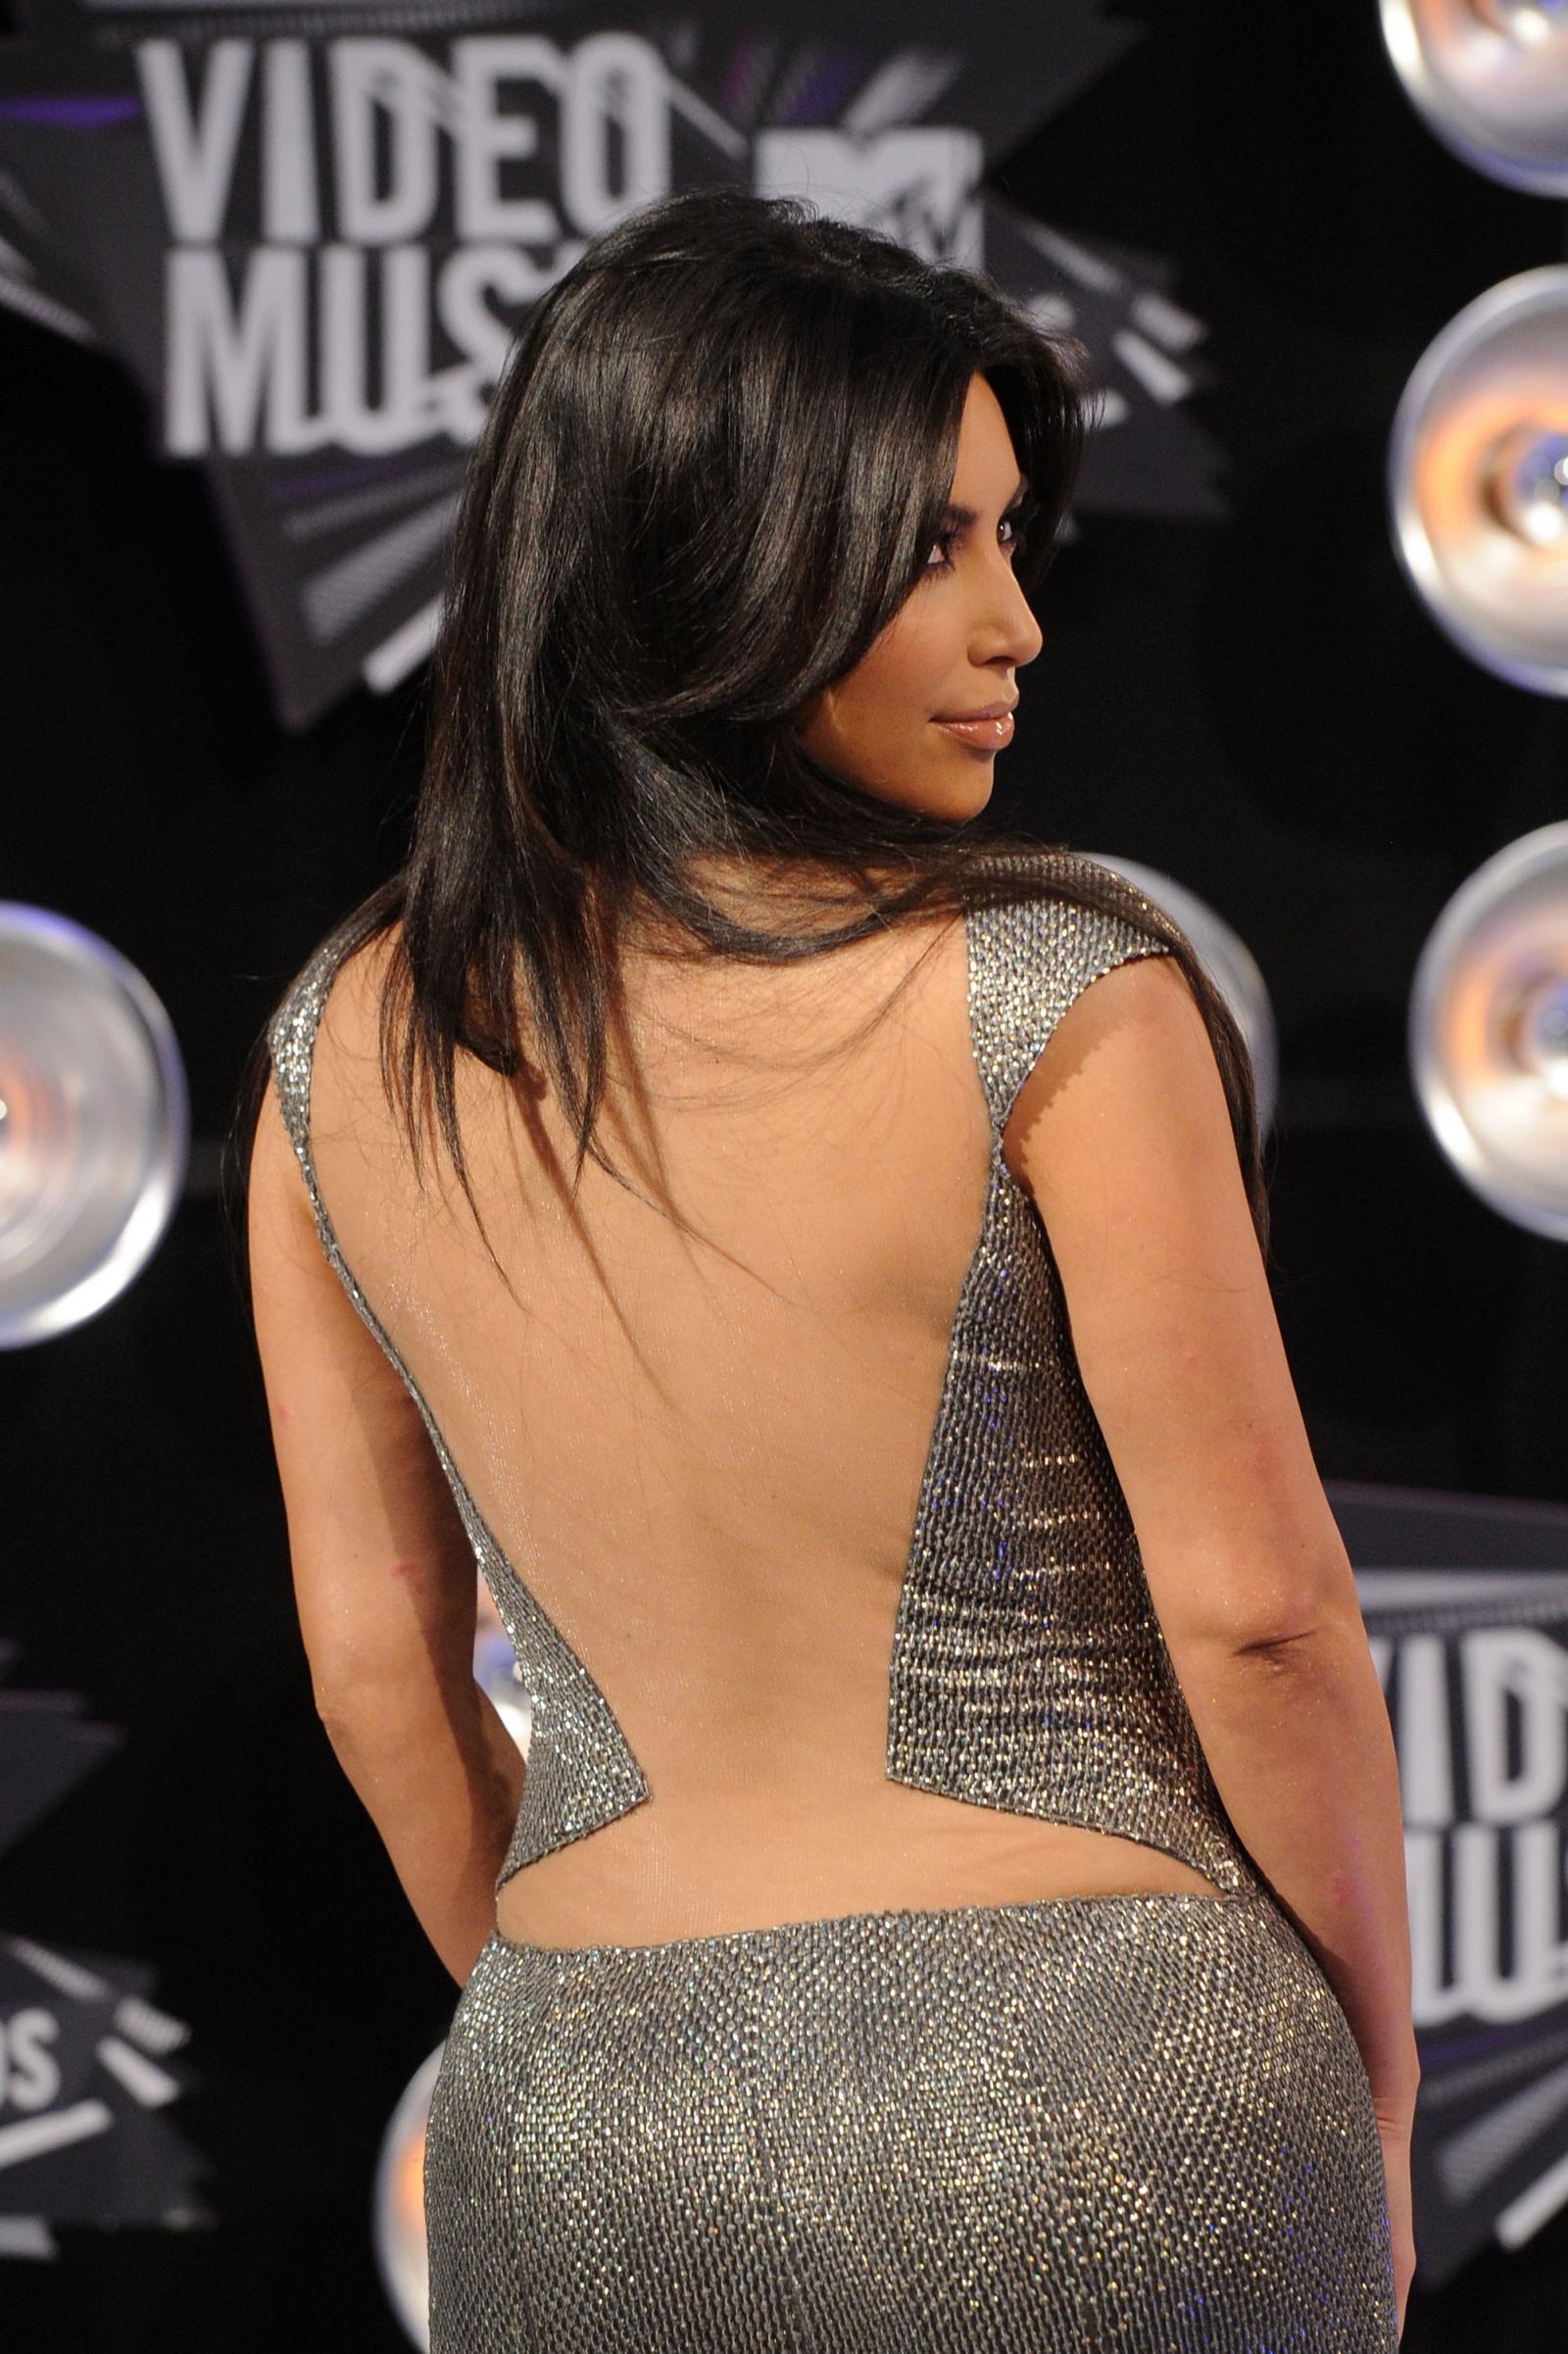 Kim turnbull butt